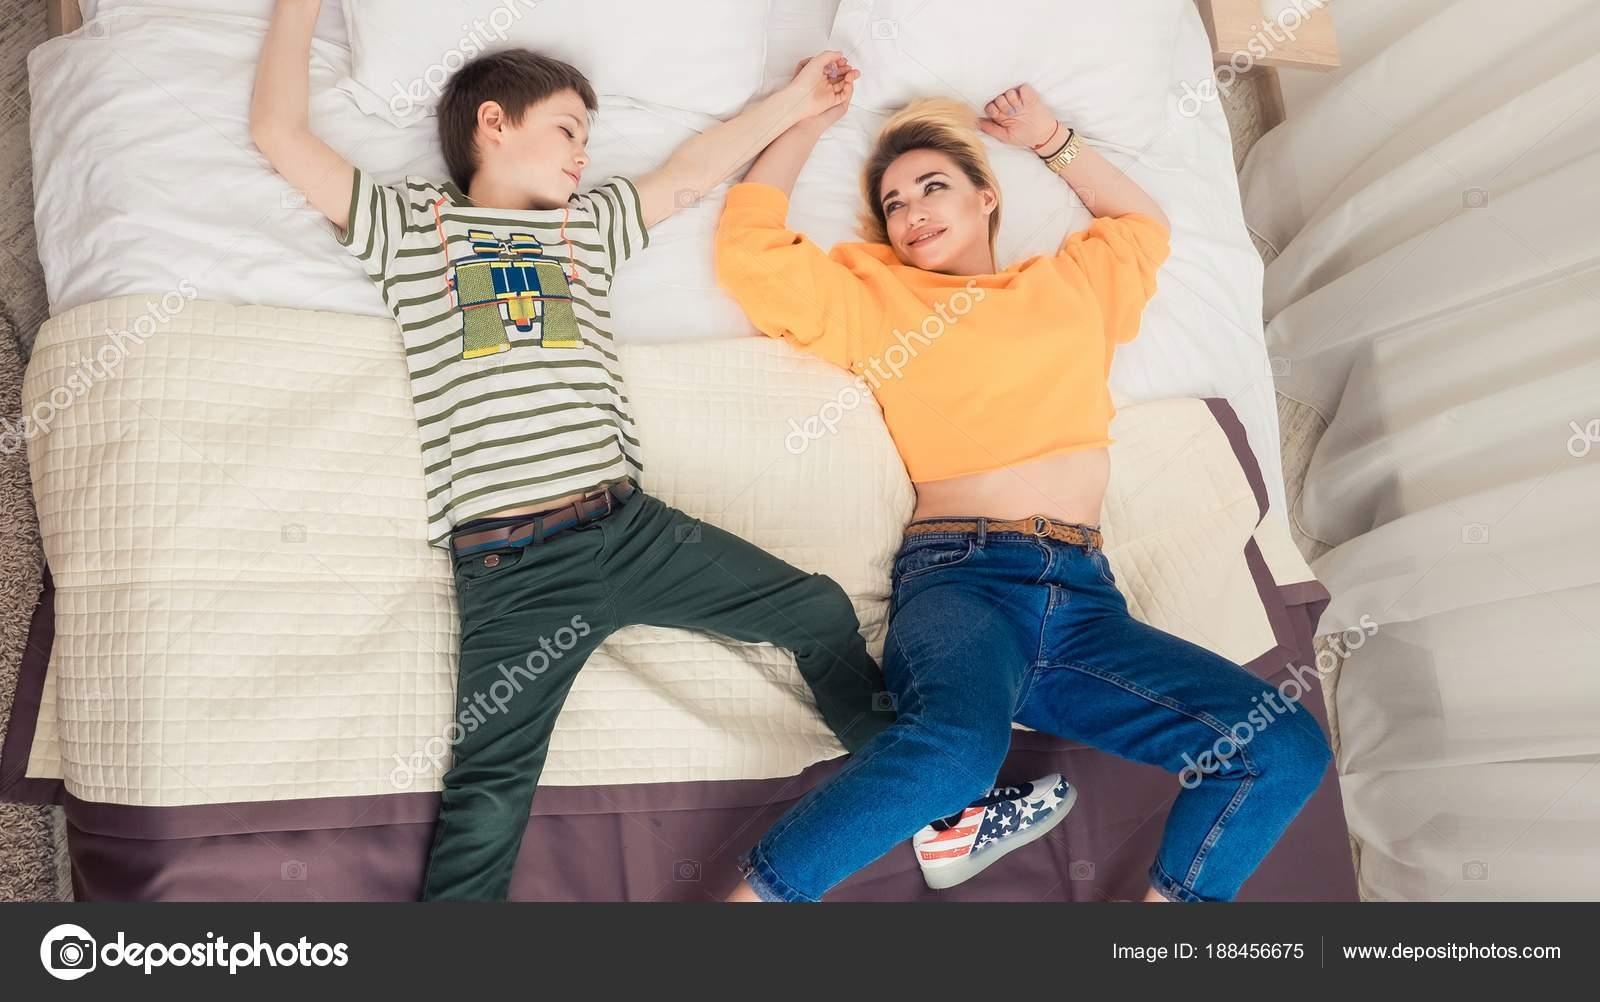 Секс мамы с сыном в спальне, Реальное русское онлайн видео секса матери с сыном 18 фотография